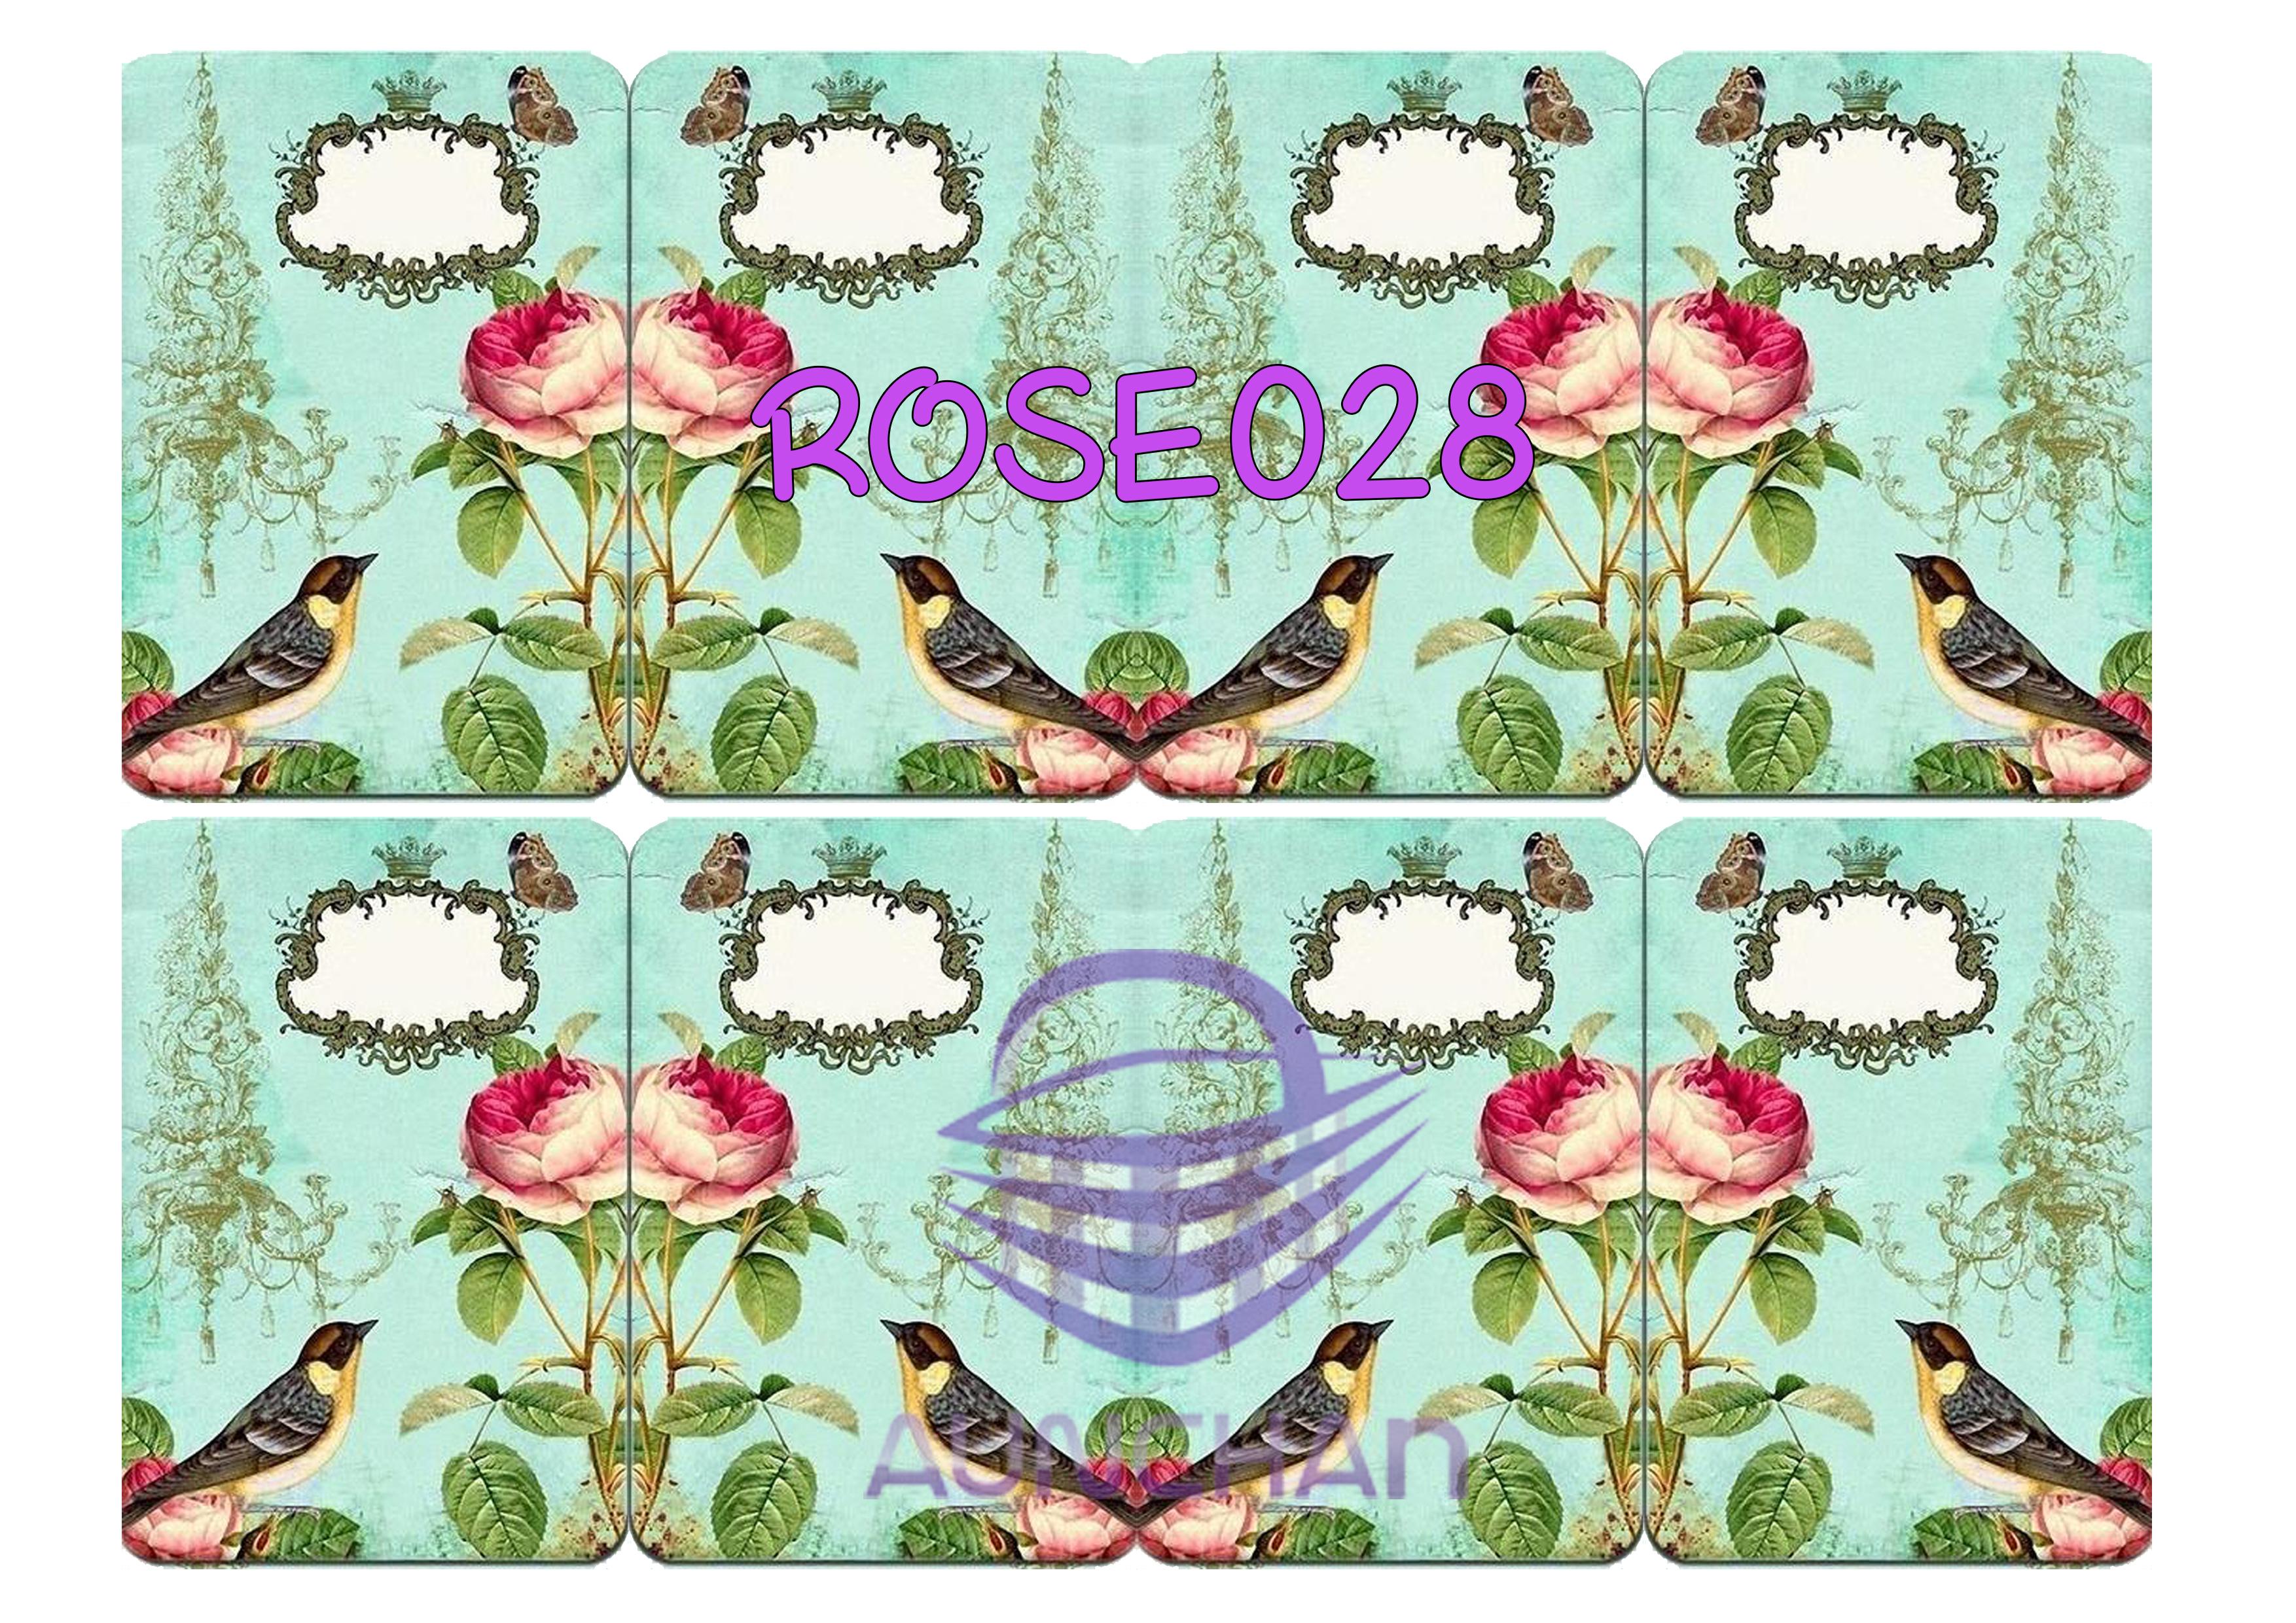 ROSE028 กระดาษแนพกิ้น 21x30ซม. ลายกุหลาบ